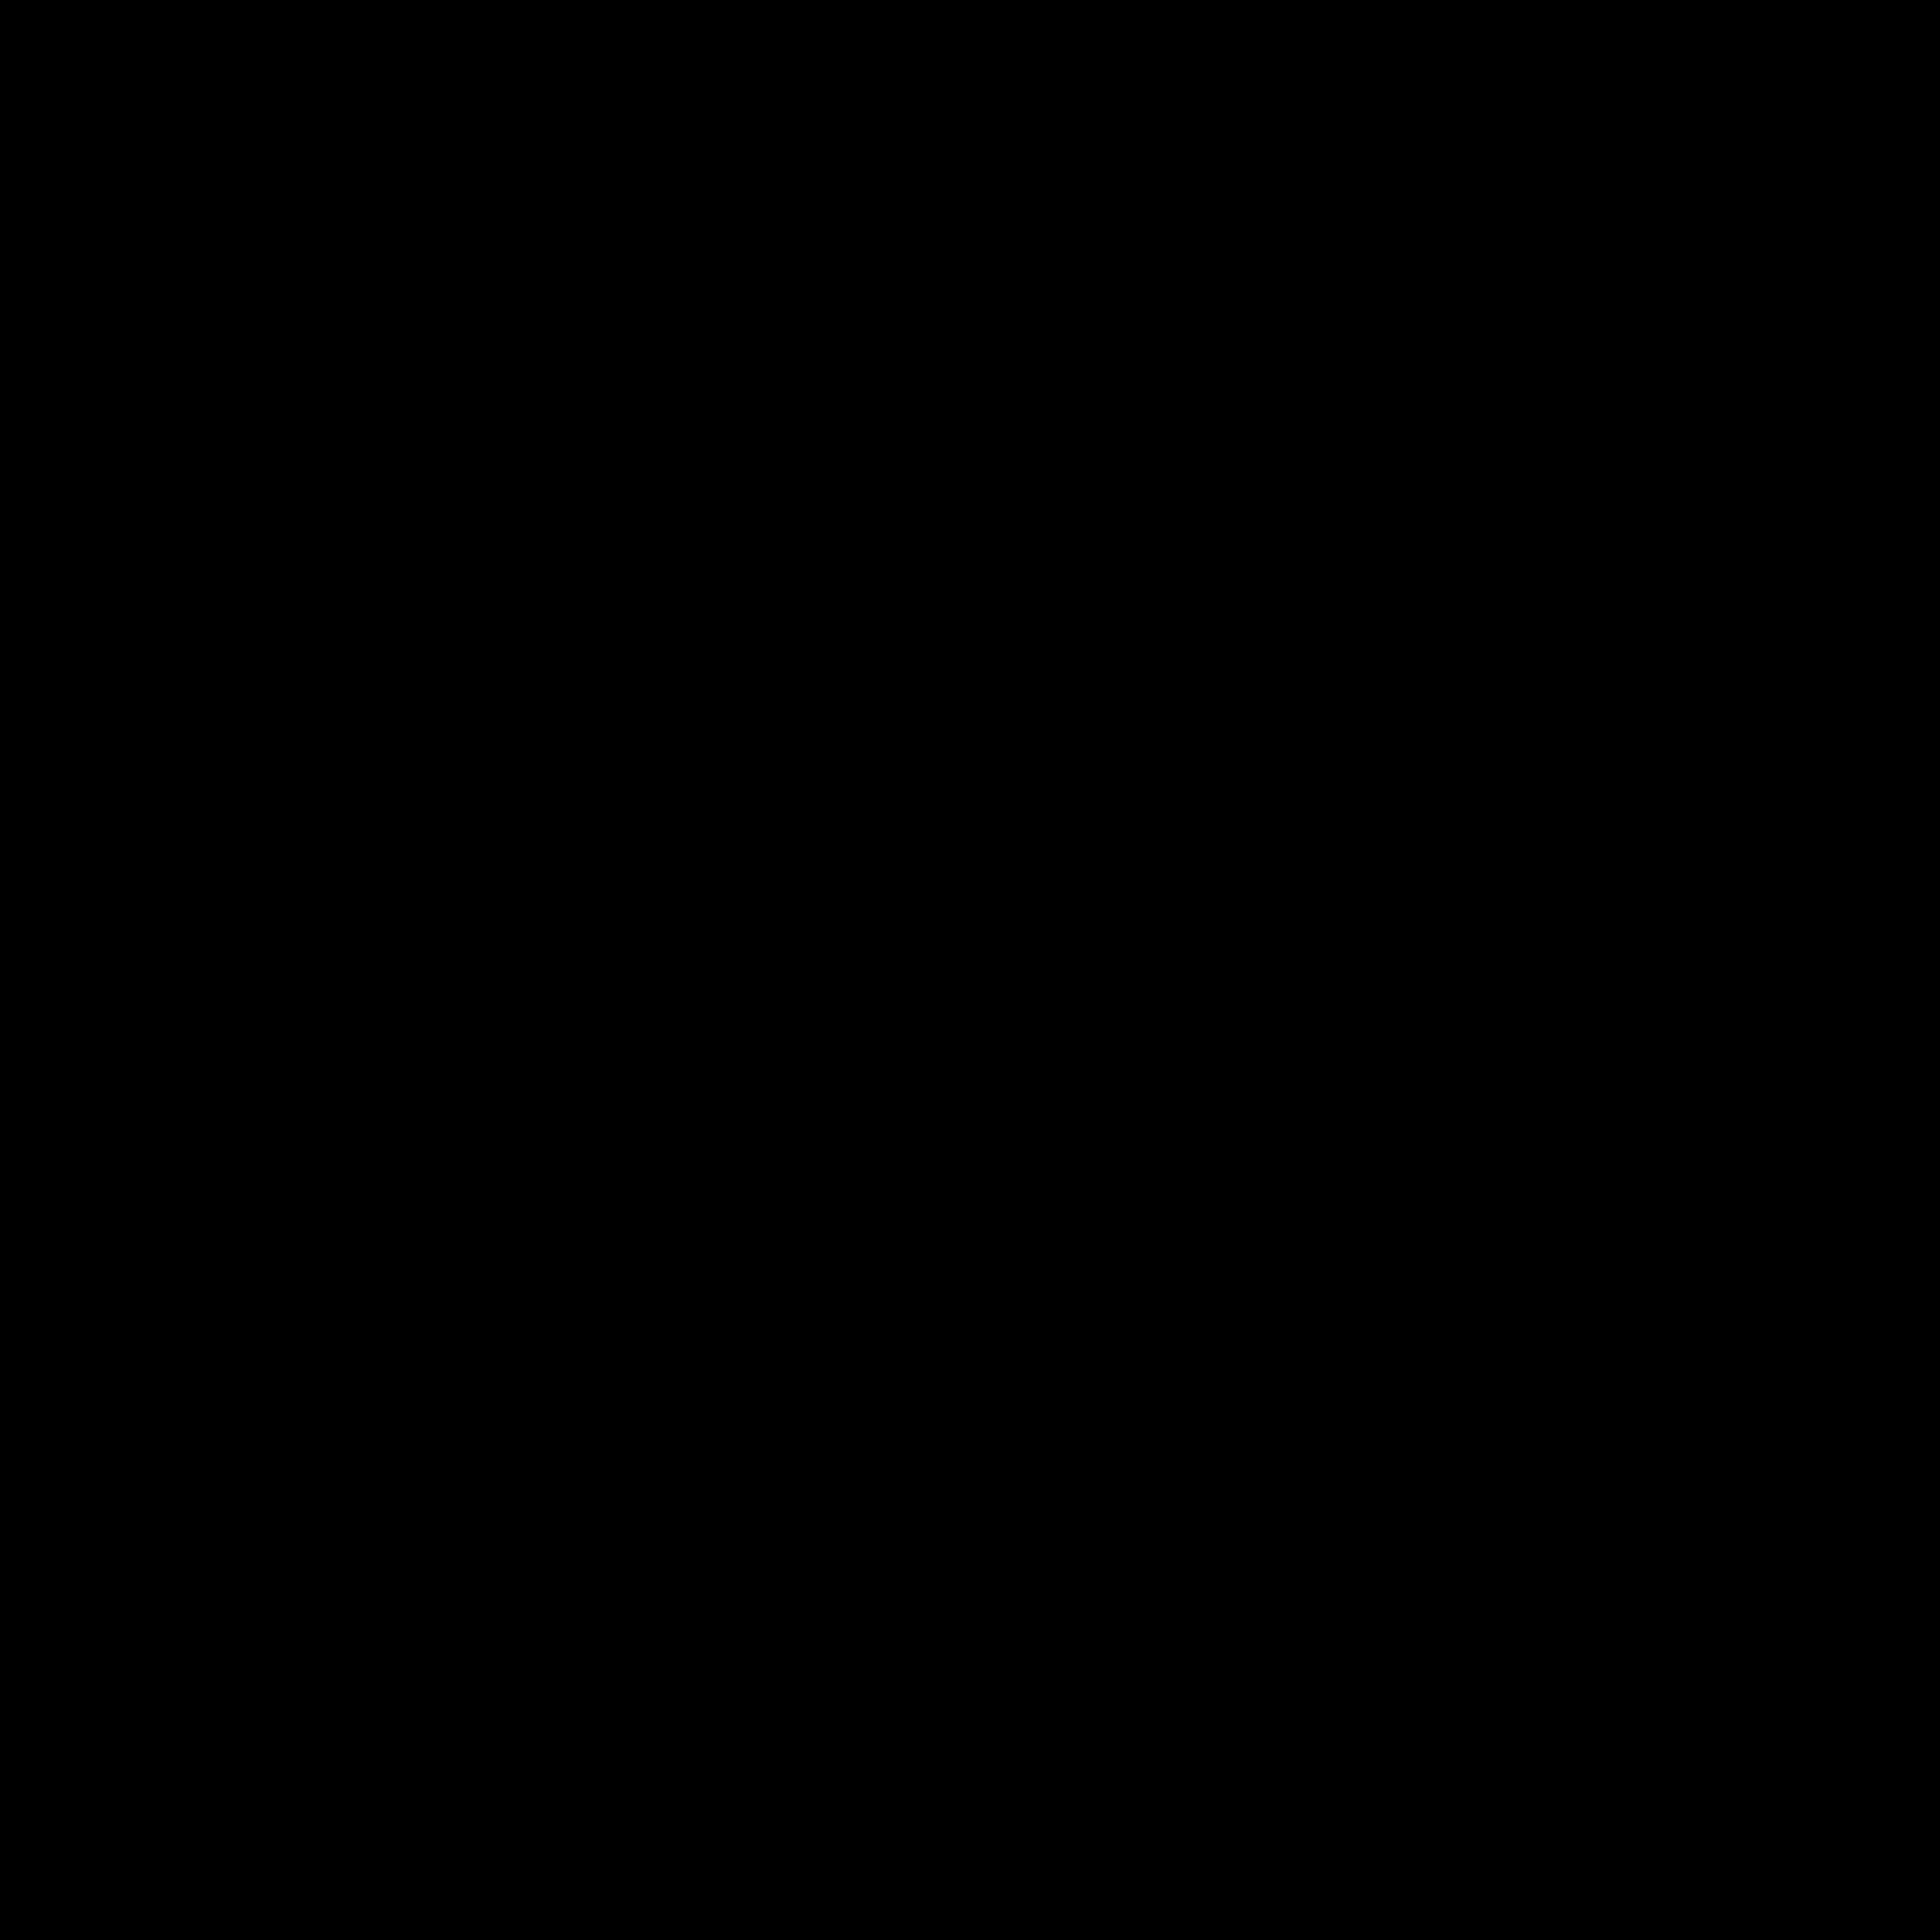 Folivari